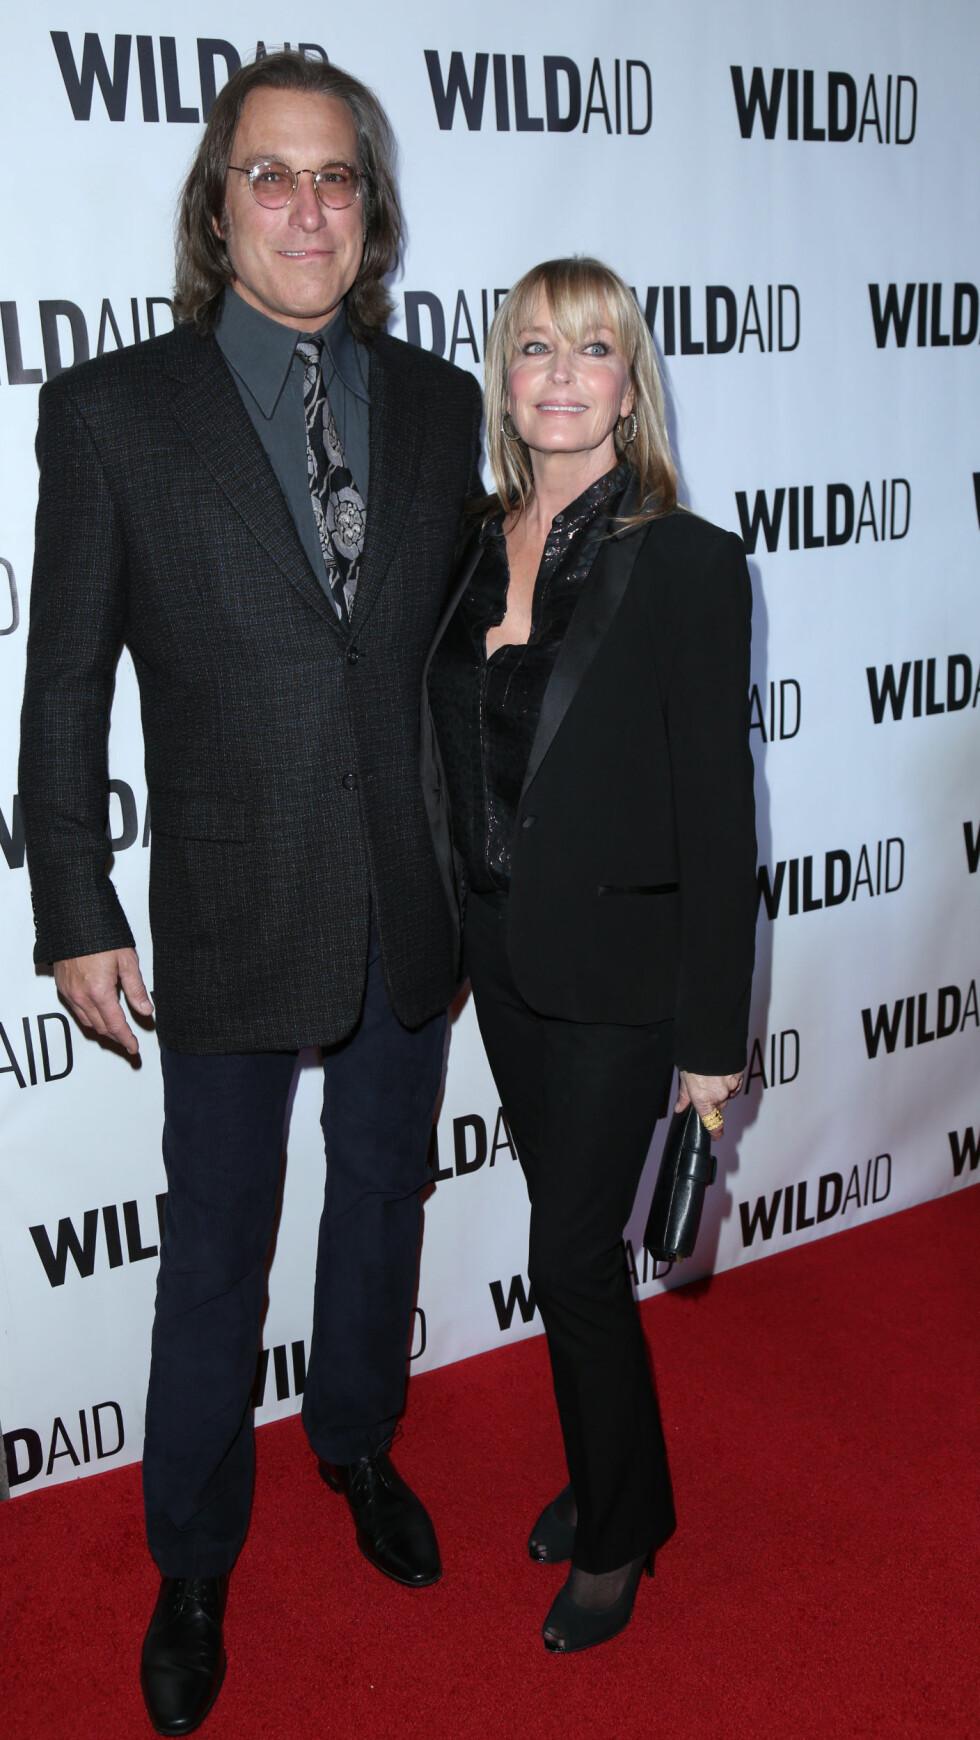 SKUESPILLERPAR: John Corbett spilte Carries andre store kjærlighet - Aidan Shaw. På privaten er han samboer med skuespiller Bo Derek. Dette bildet er fra november. Foto: NTB Scanpix